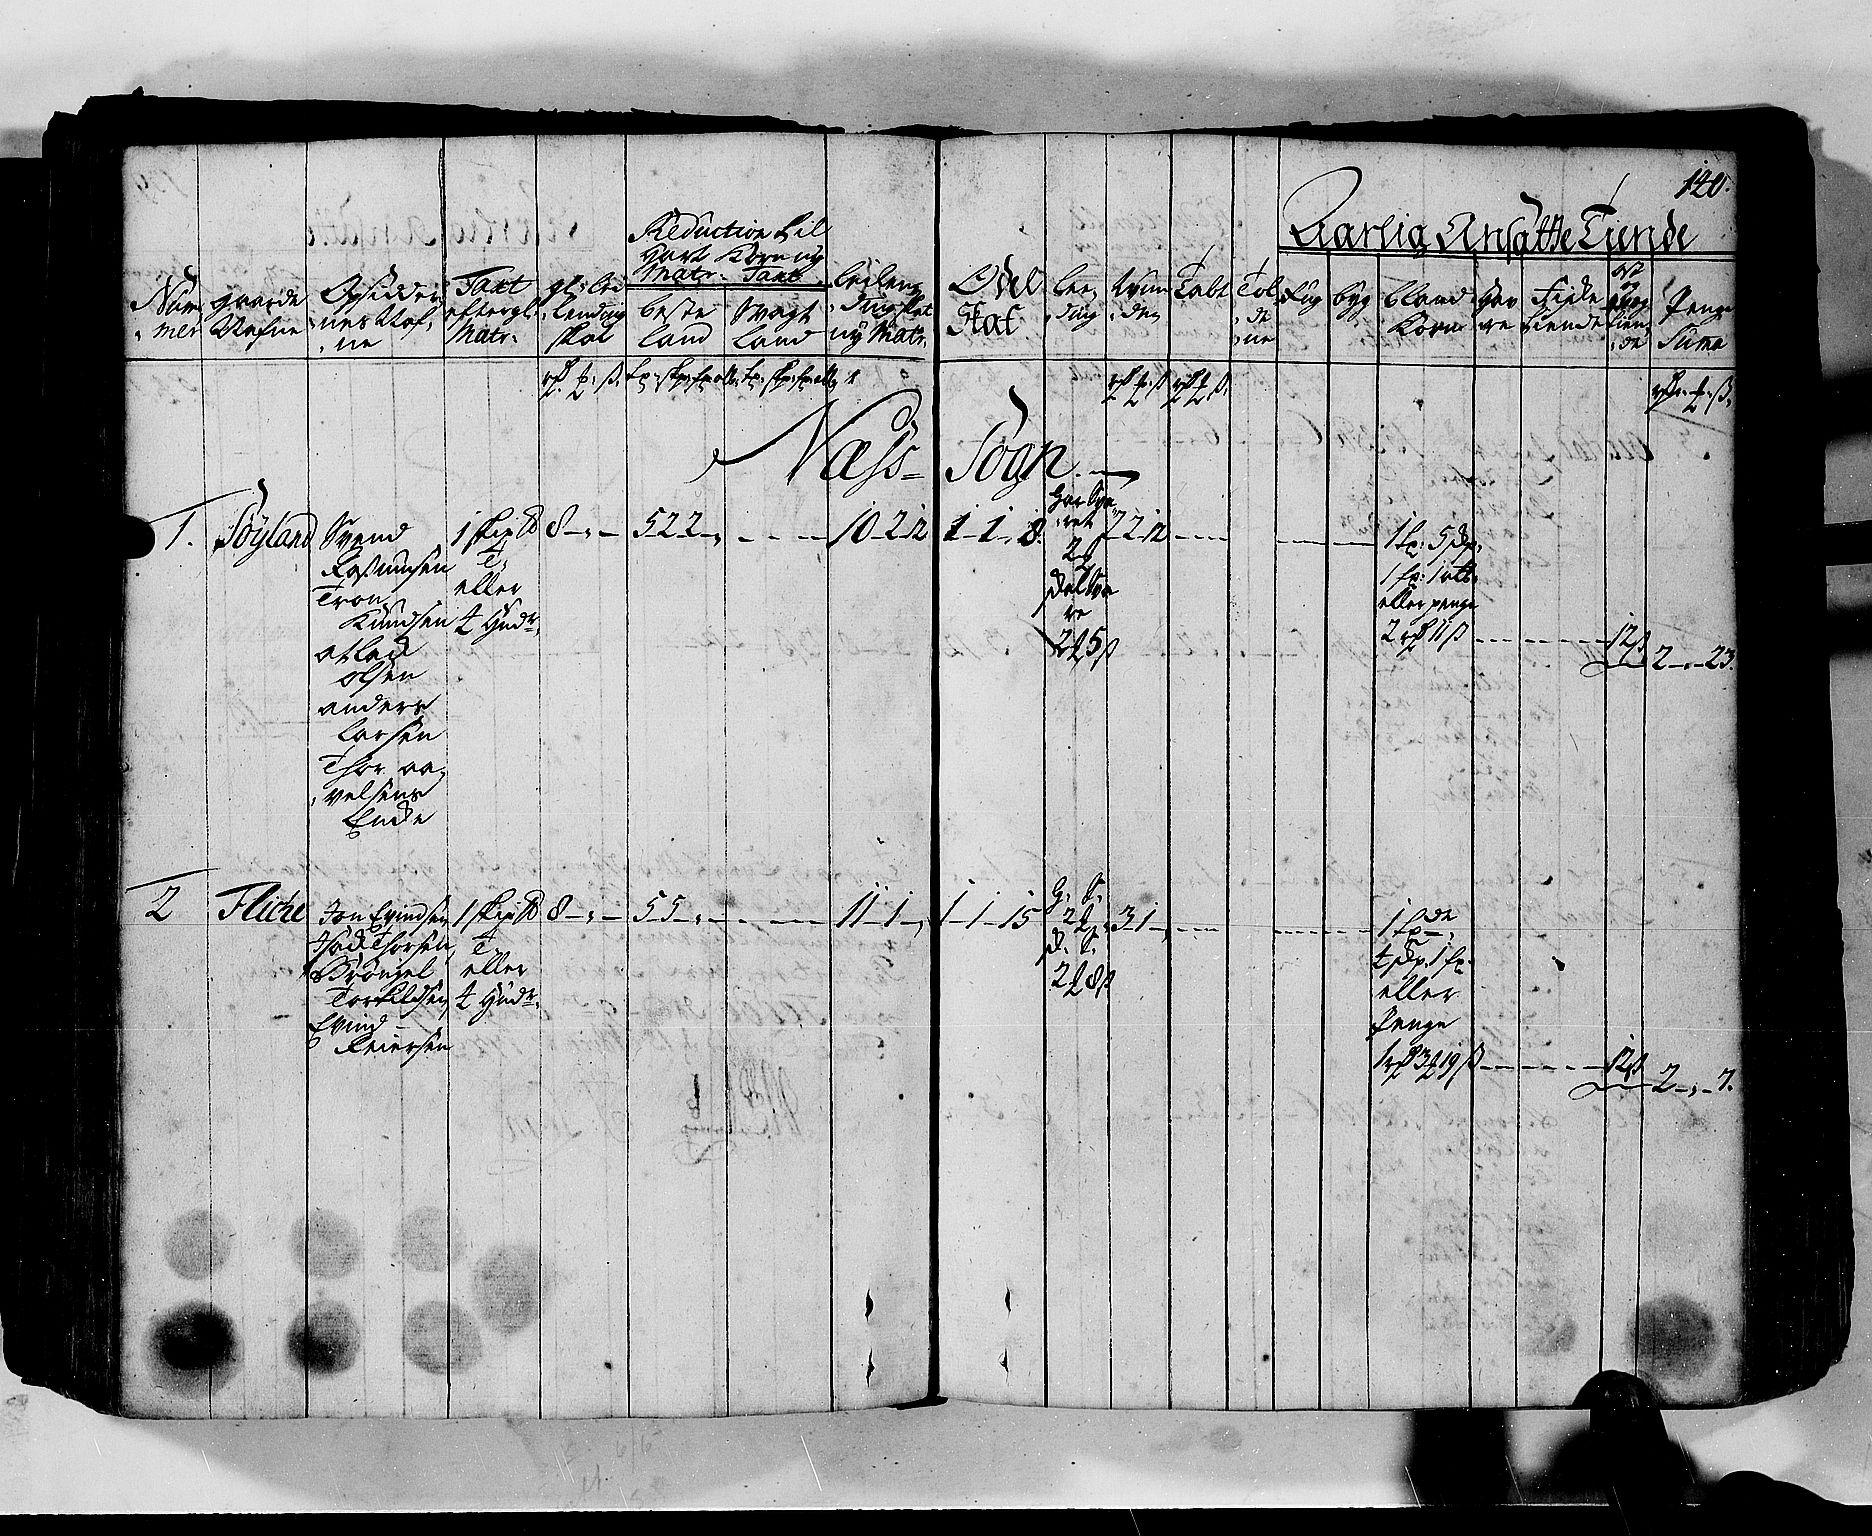 RA, Rentekammeret inntil 1814, Realistisk ordnet avdeling, N/Nb/Nbf/L0130: Lista matrikkelprotokoll, 1723, s. 139b-140a